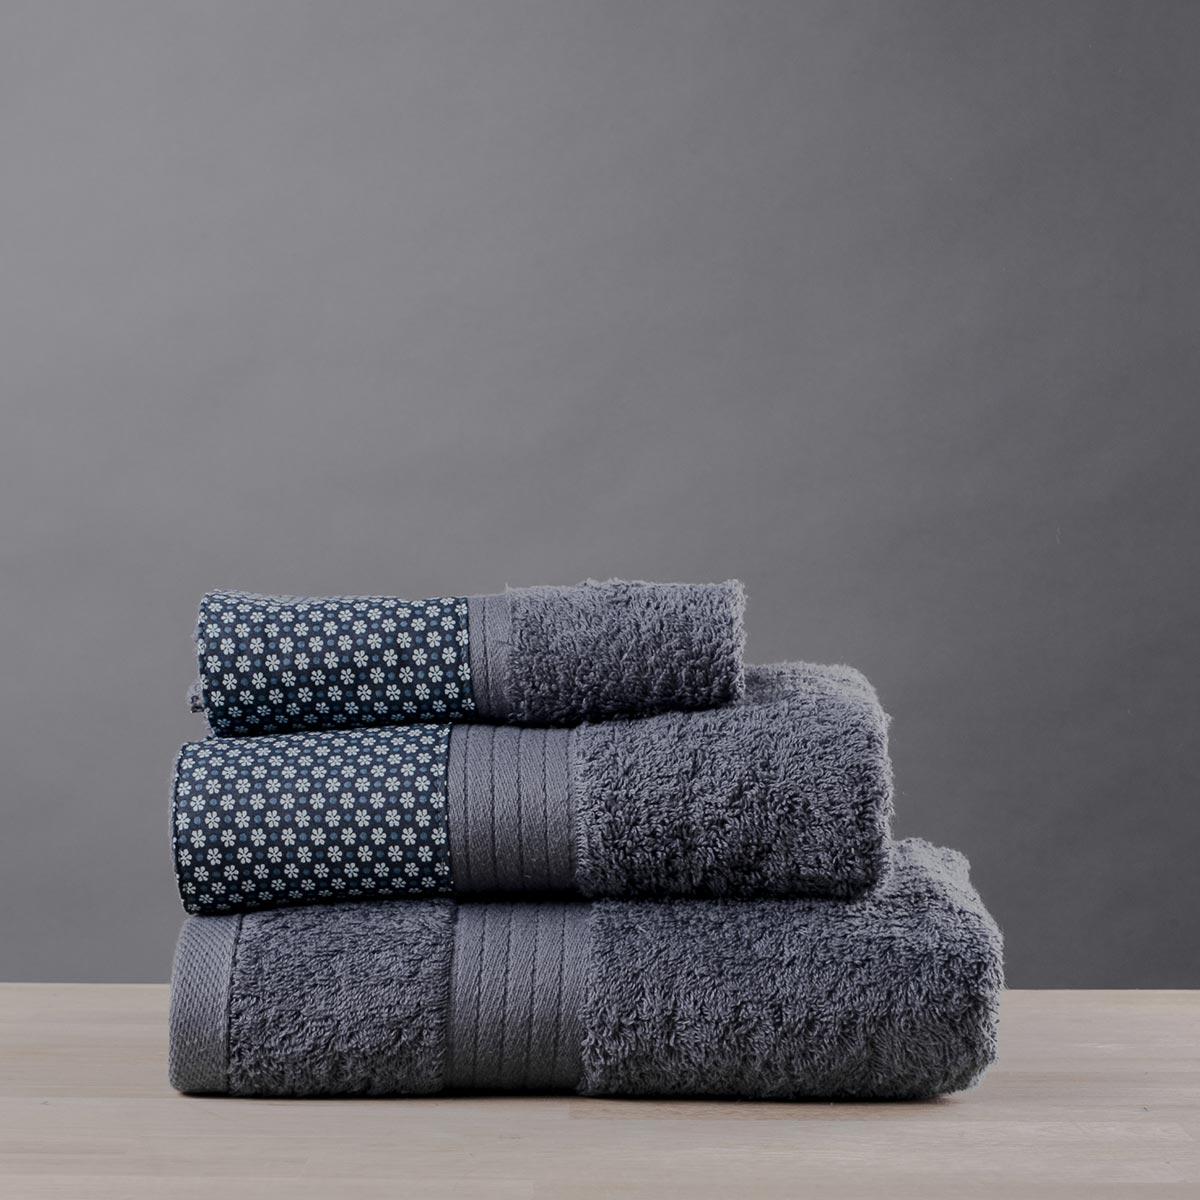 Πετσέτες Μπάνιου (Σετ 3τμχ) White Fabric Dante Grey